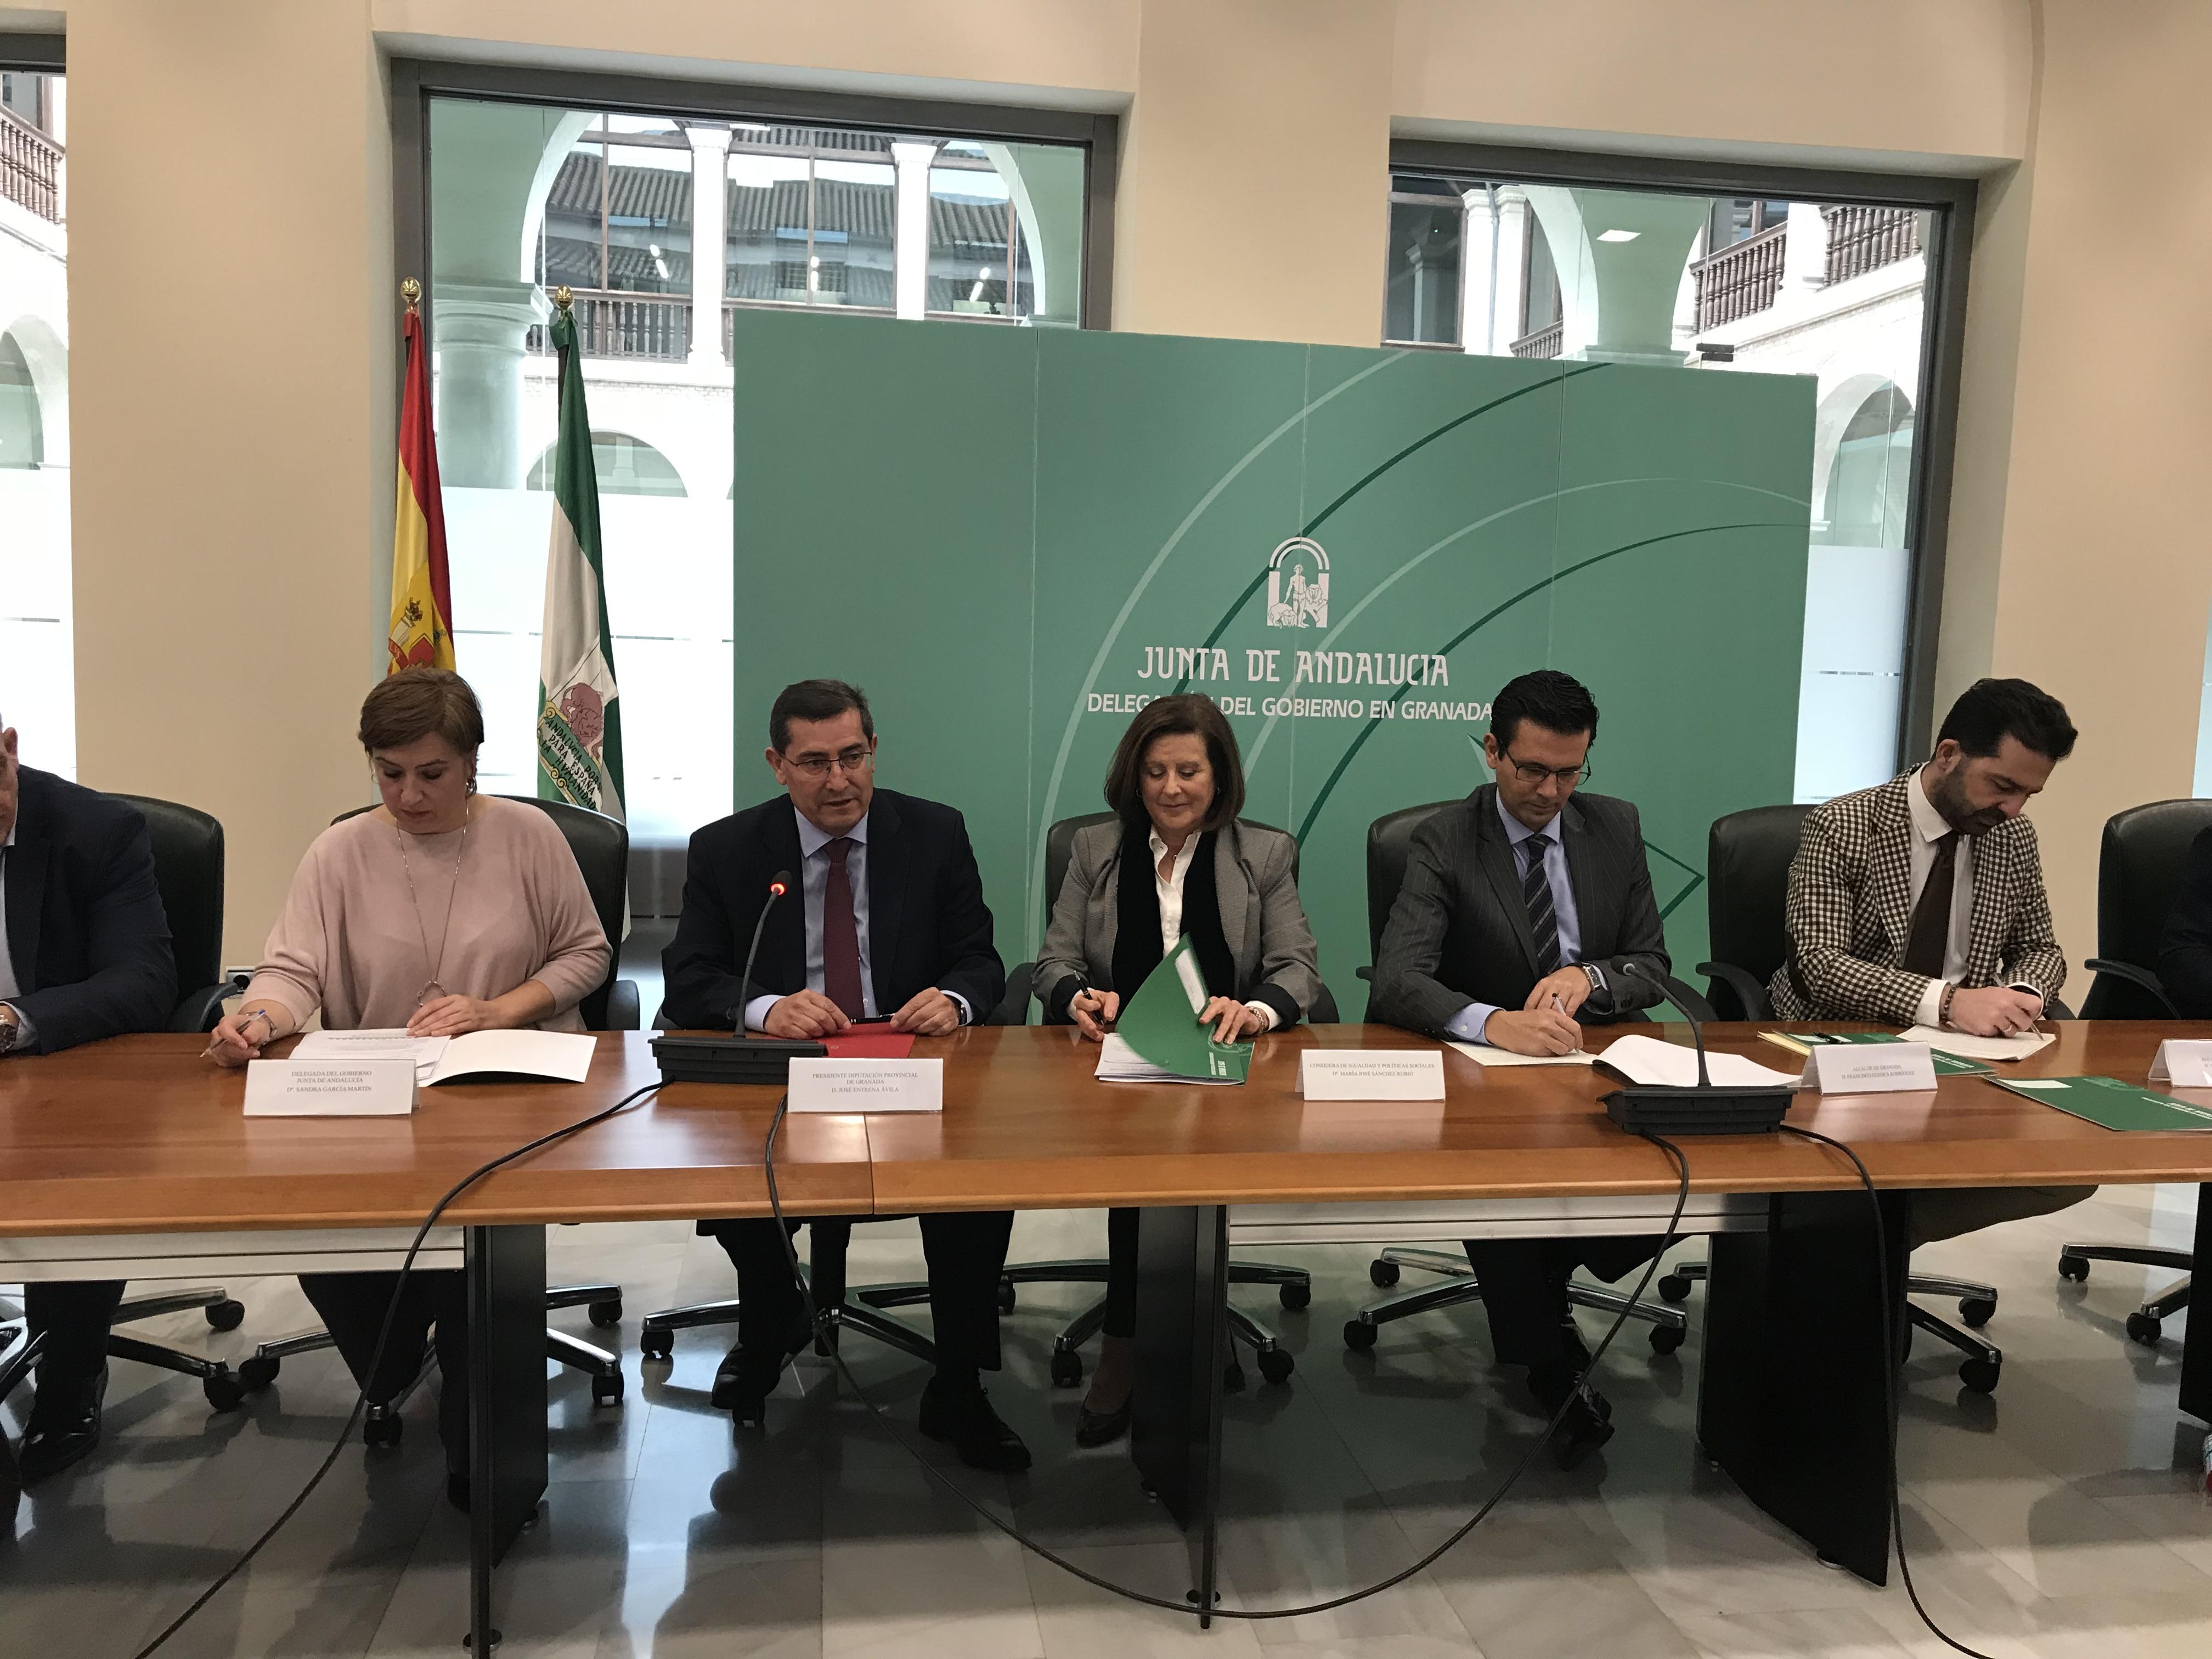 Junta, ayuntamientos y Diputación de Granada firman un acuerdo institucional por la infancia que mejorará la calidad de vida de 170.000 niños y niñas